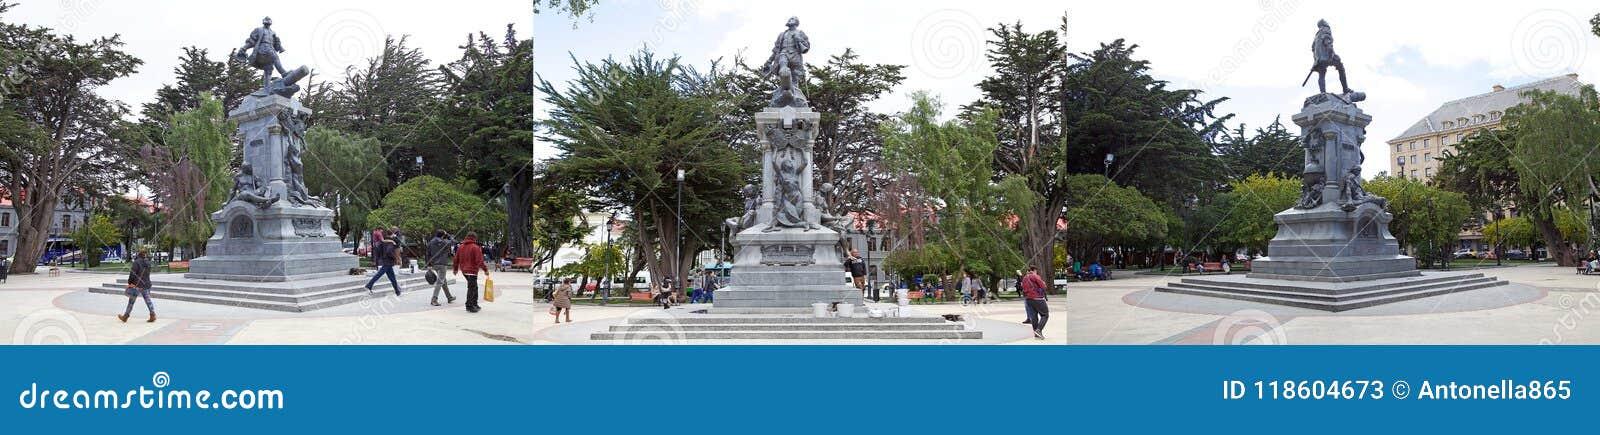 Memoriale a Ferdinand Magellan a Punta Arenas, Cile